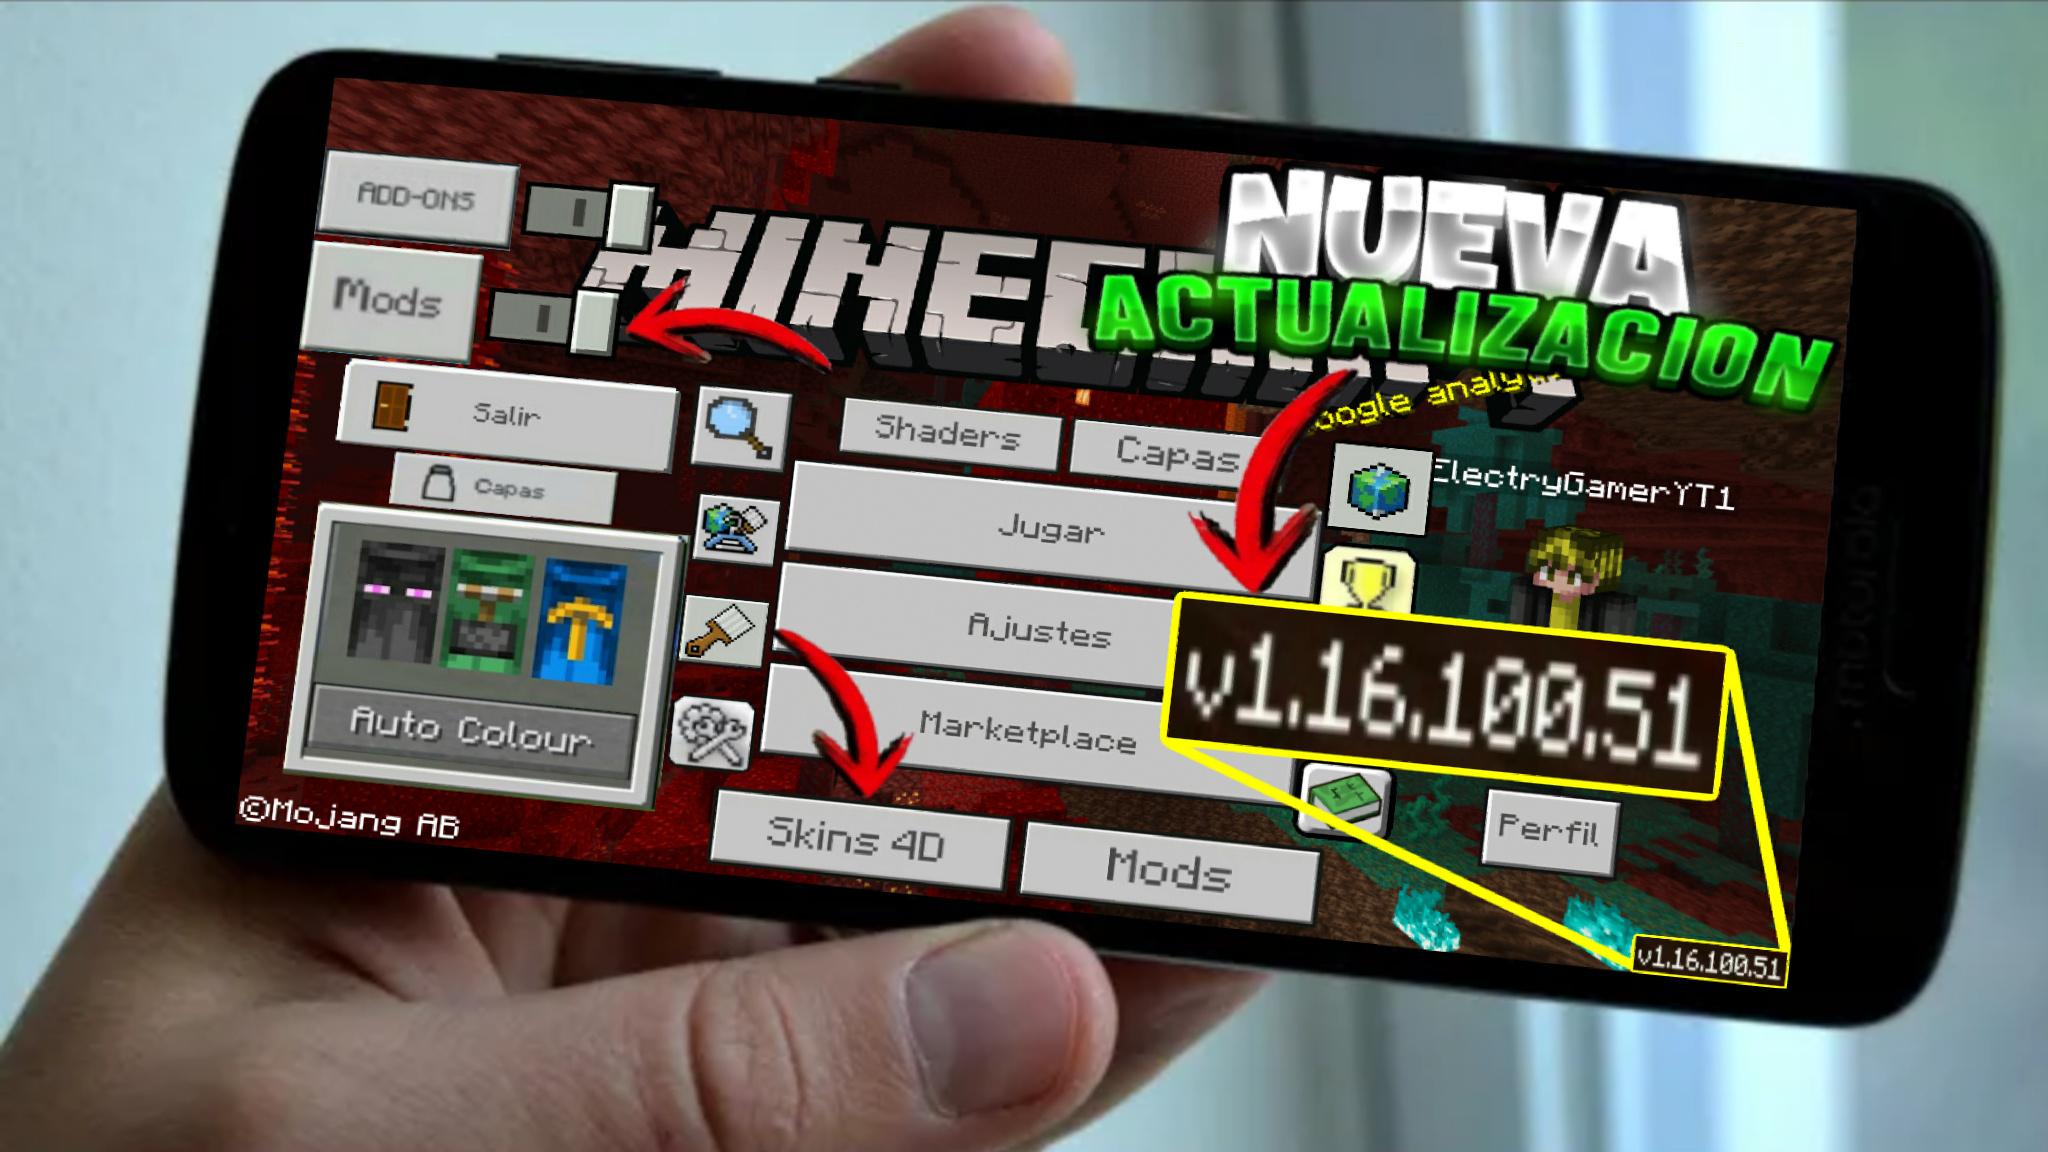 Como Descargar Minecraft Pe 1 16 100 51 Apk Gratis Para Android Ultima Version Mediafire 2020